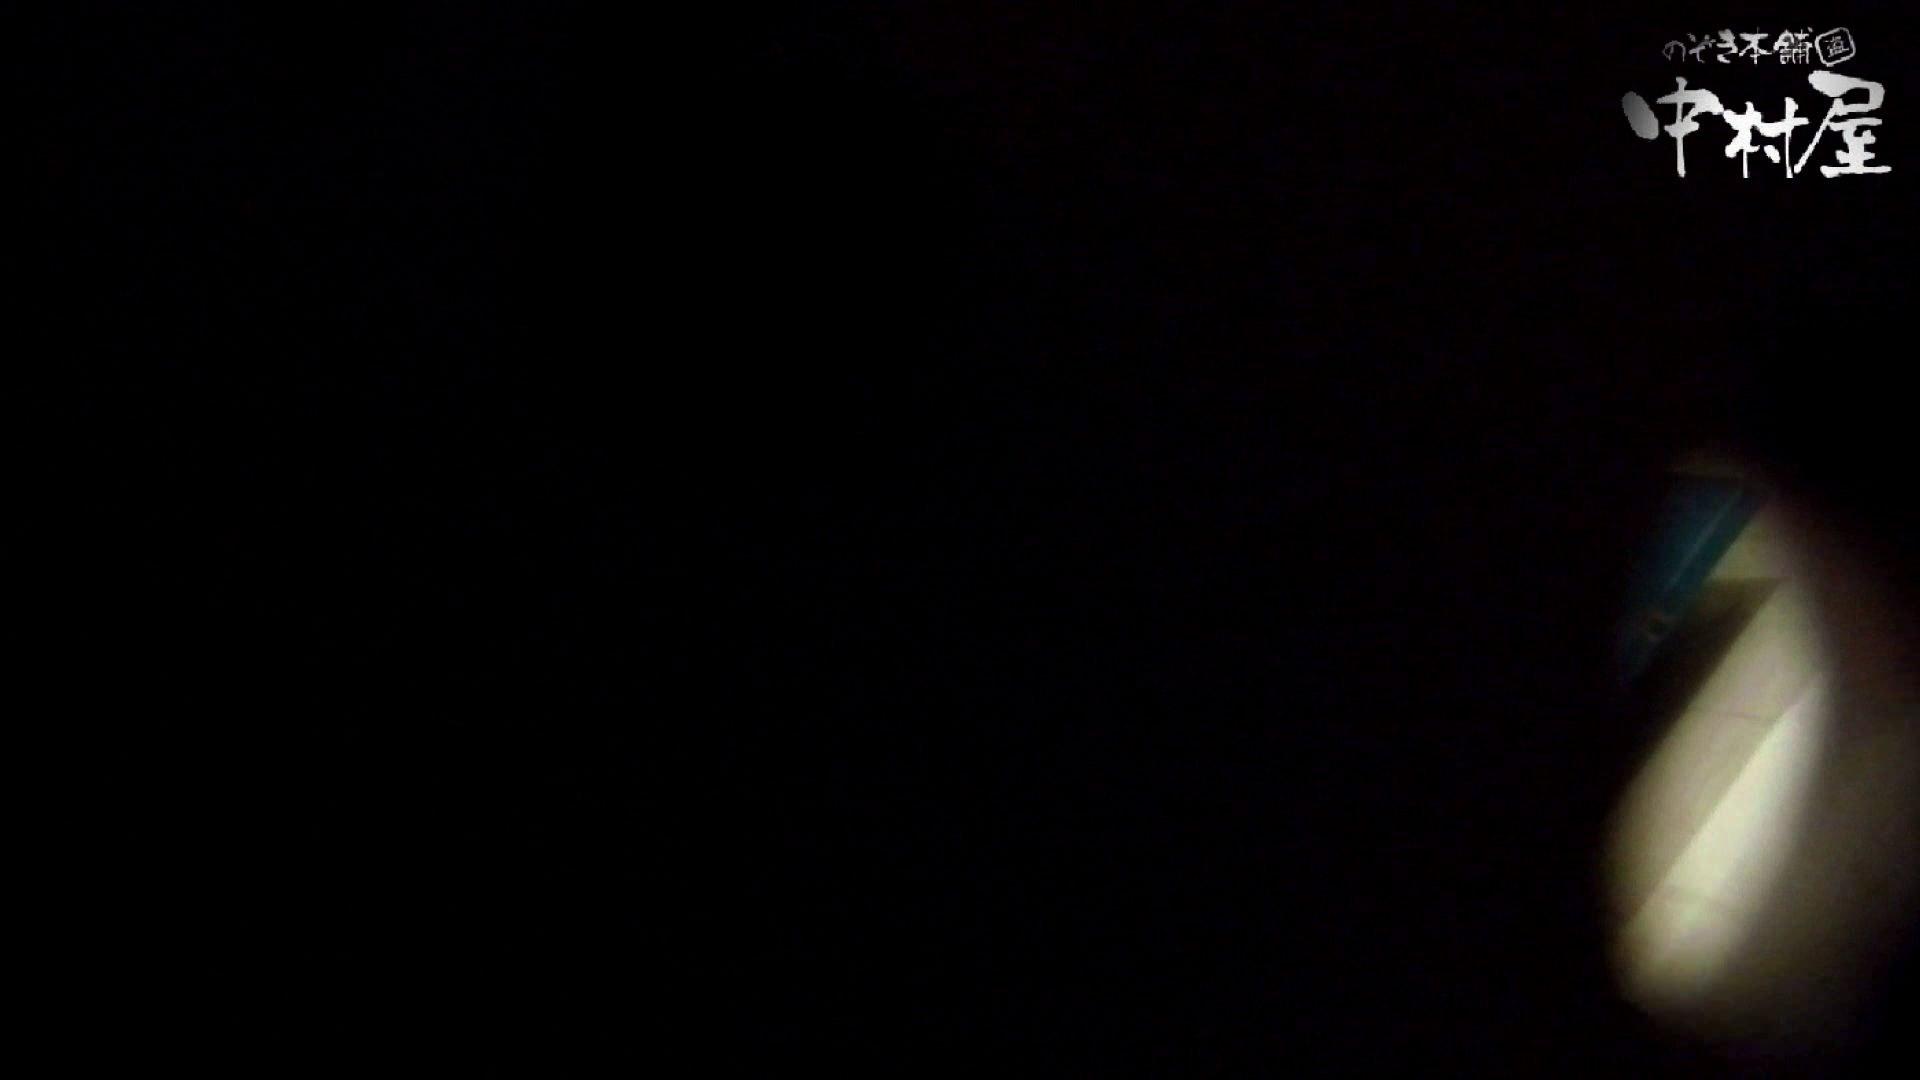 【世界の射窓から】世界の射窓から vol.7 洗面所  49連発 32